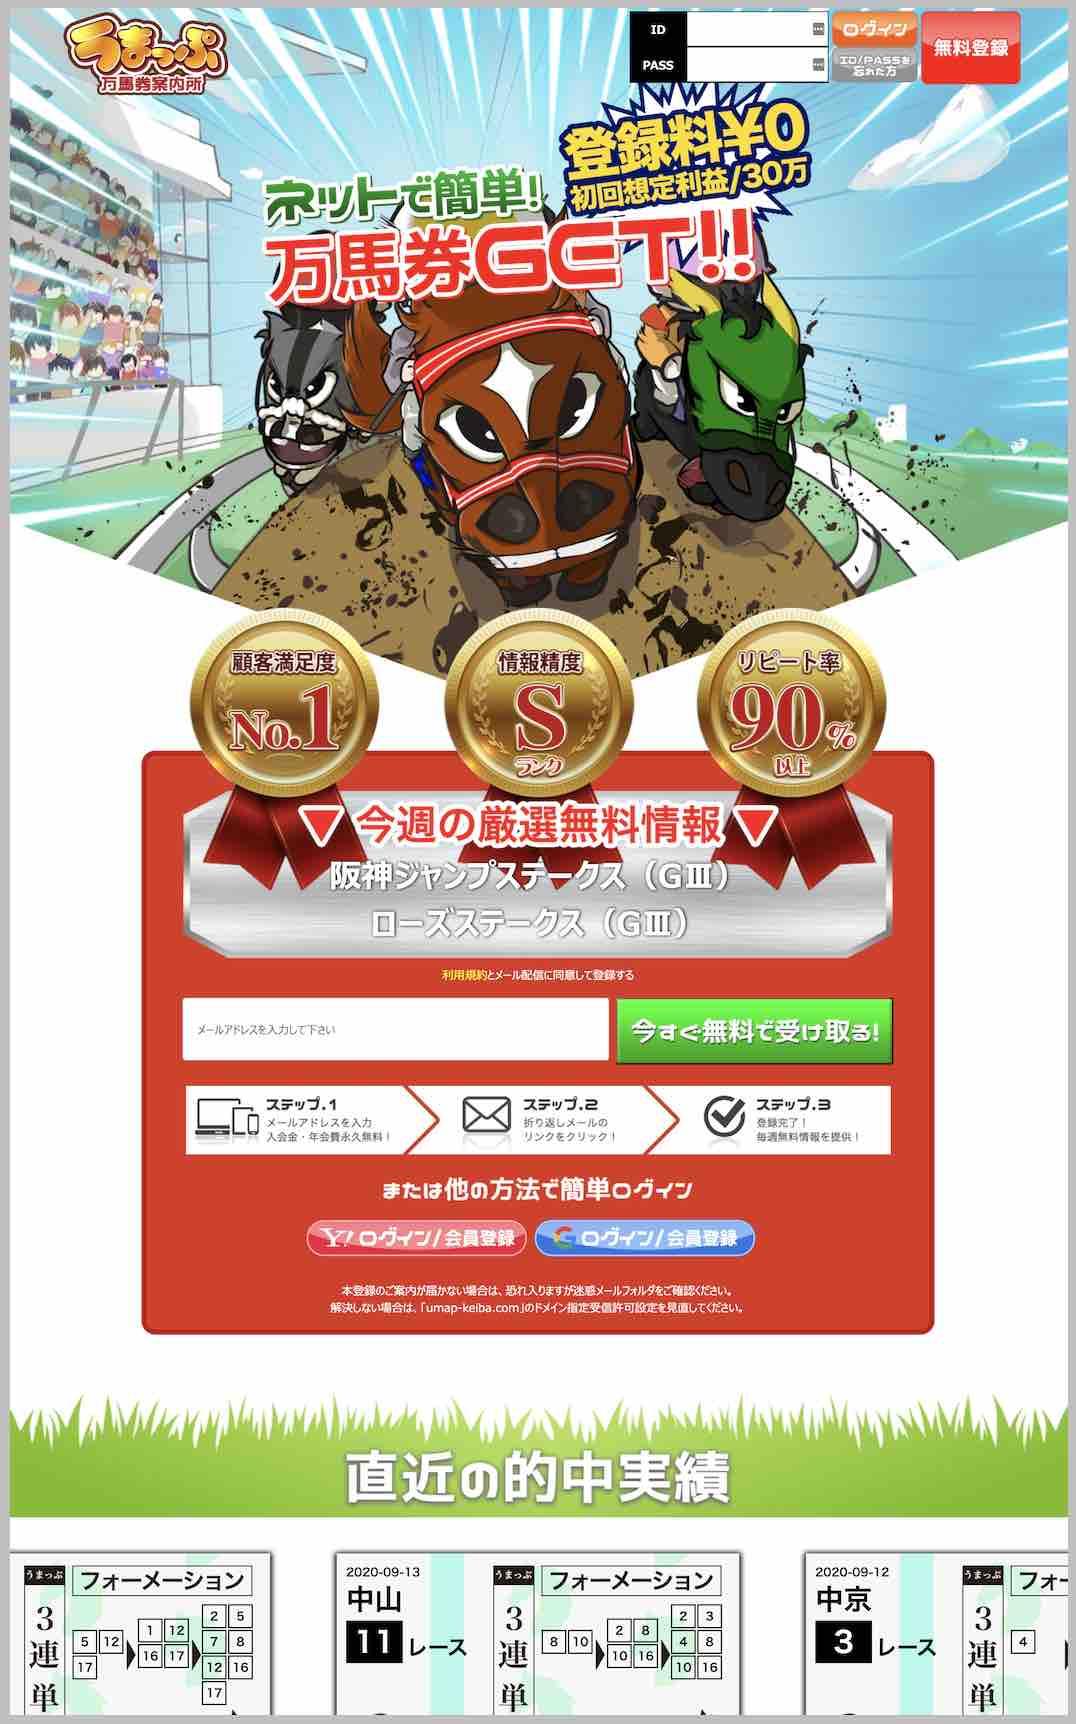 うまっぷという競馬予想サイトの非会員TOPページ